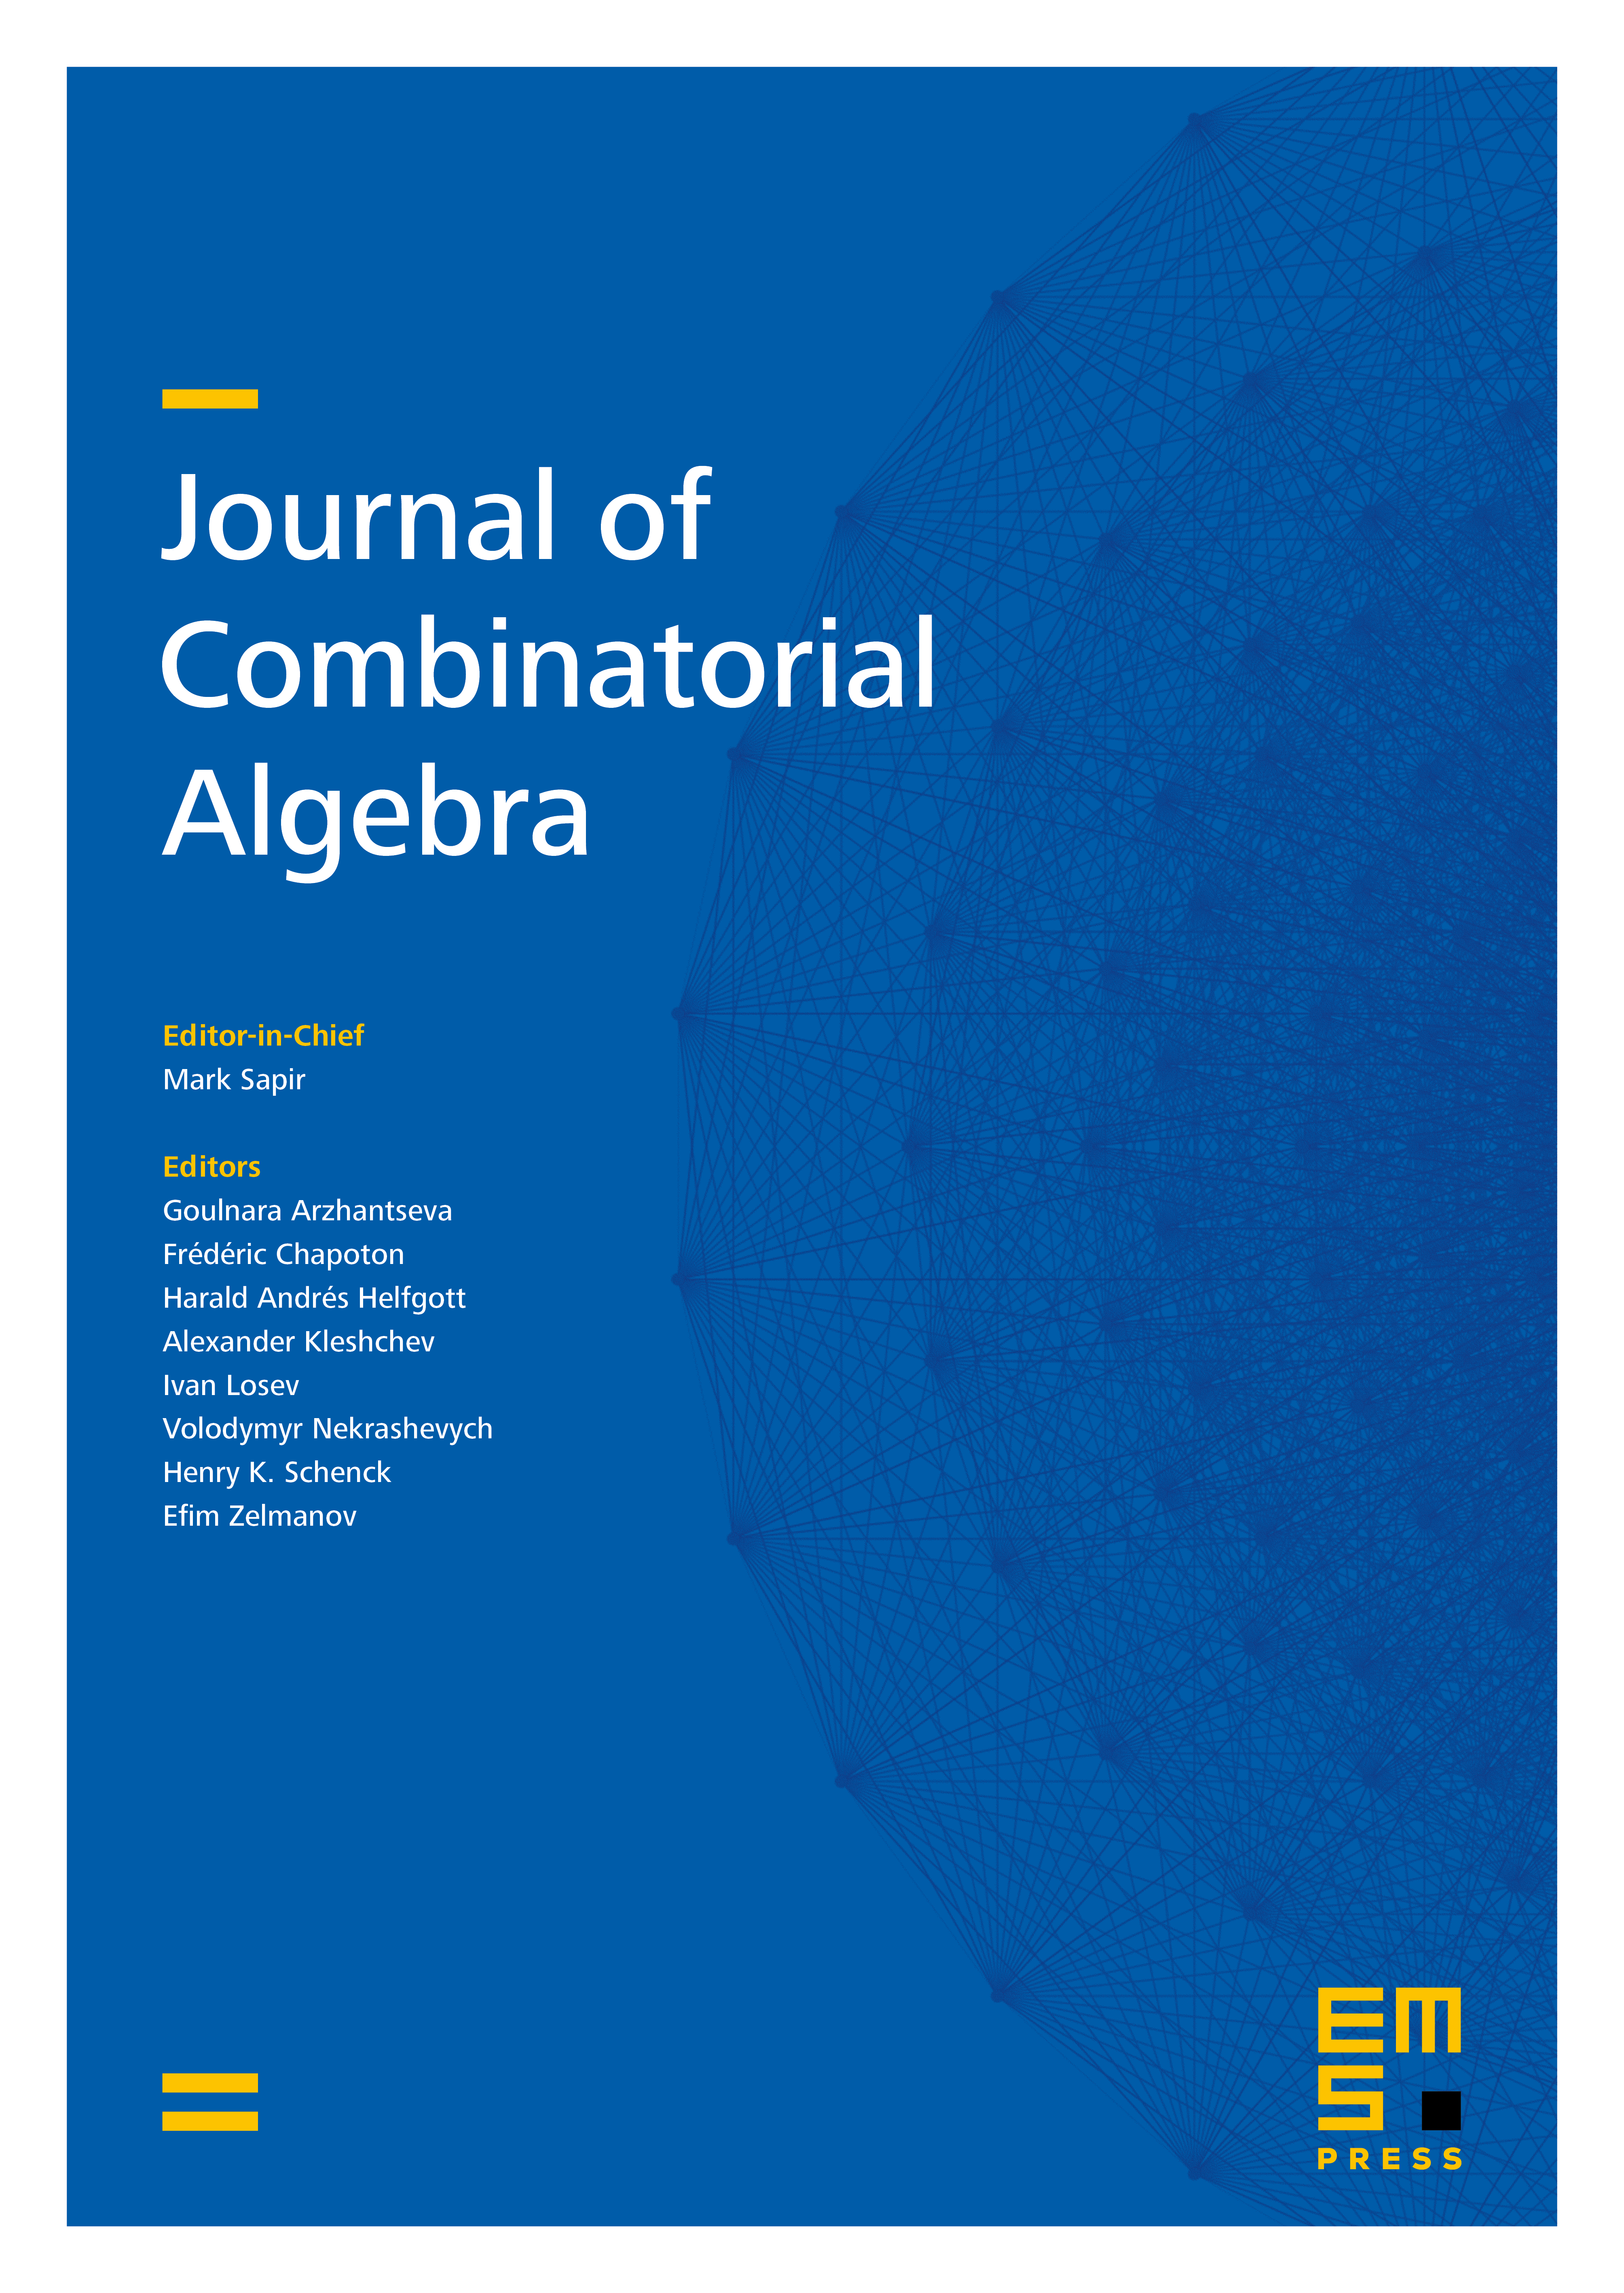 Journal of Combinatorial Algebra cover